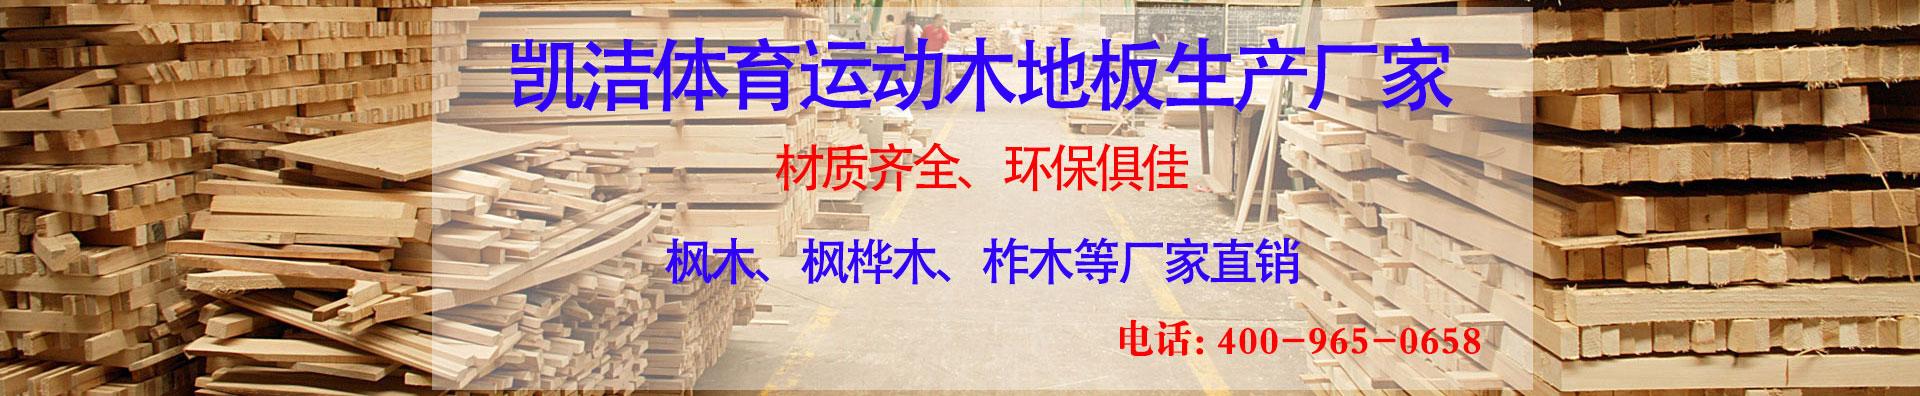 山西长治体育馆实long8龙8国际项目_凯洁运动long8龙8国际